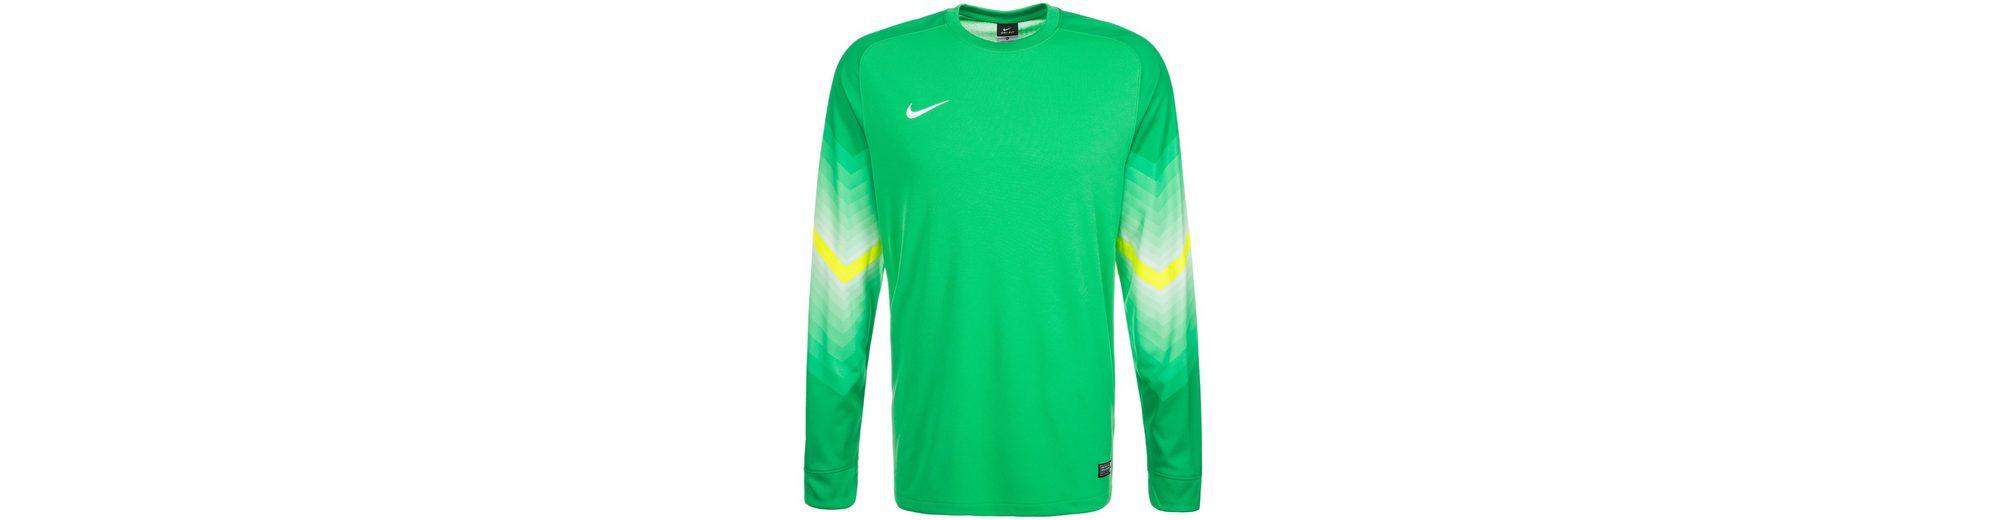 Marktfähig Zu Verkaufen Nike Goleiro Torwarttrikot Herren Verkauf Wählen Eine Beste Neue Ankunft Günstig Online j9rvWxT